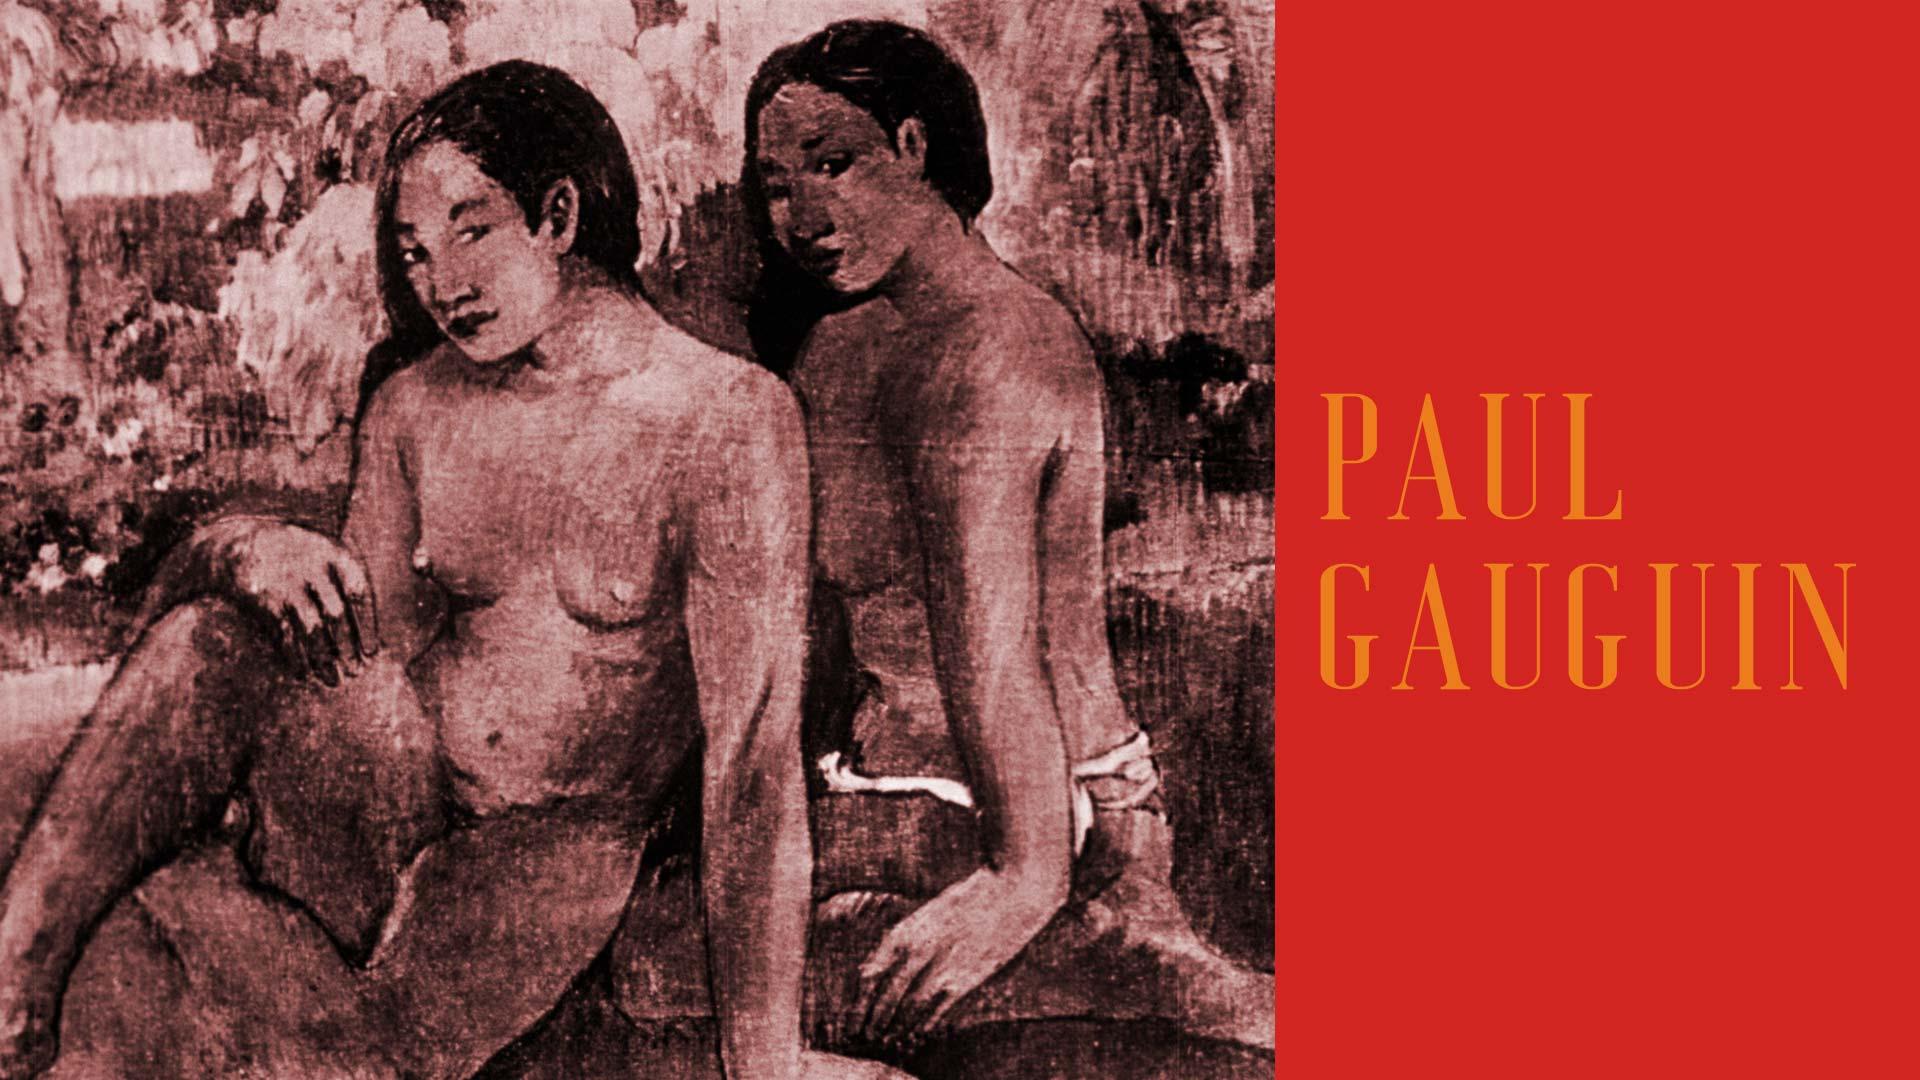 Paul Gauguin - image